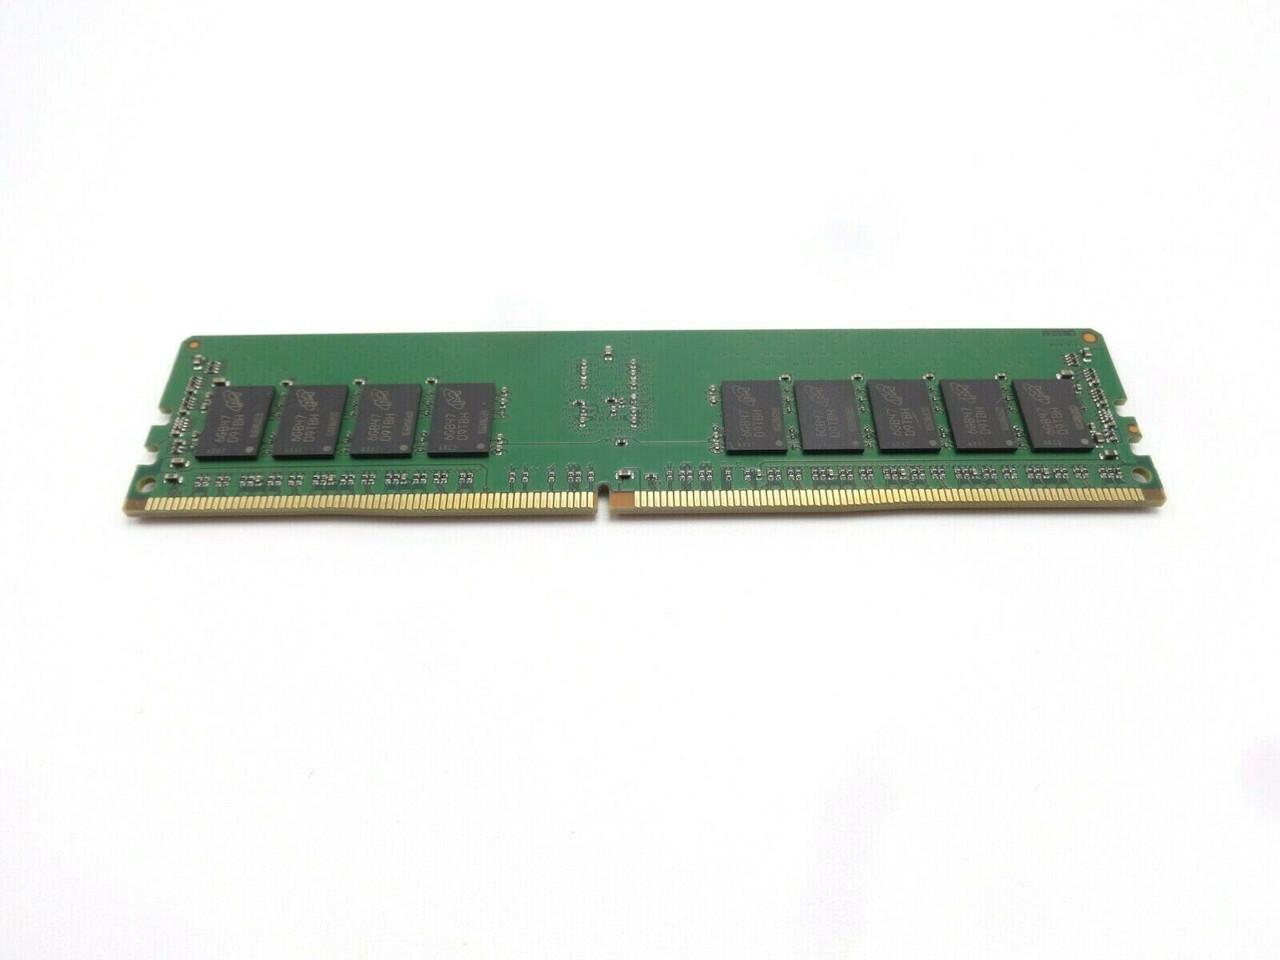 Micron MTA18ASF2G72PDZ-2G3B1 16GB PC4 2400T 2Rx8 Server Memory Dimm